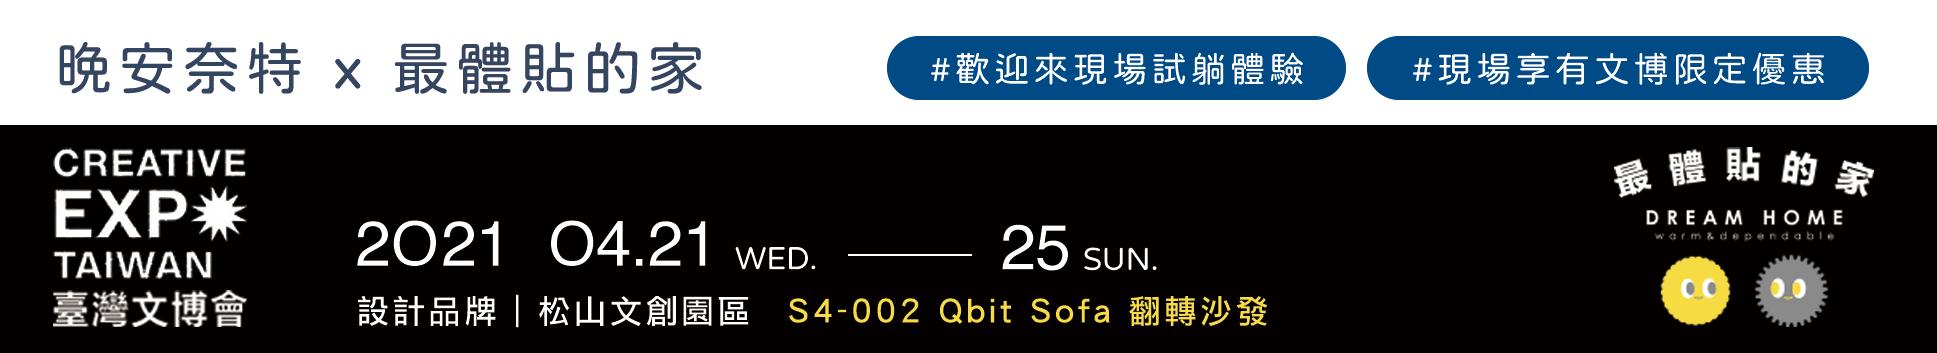 2021文博官網BN